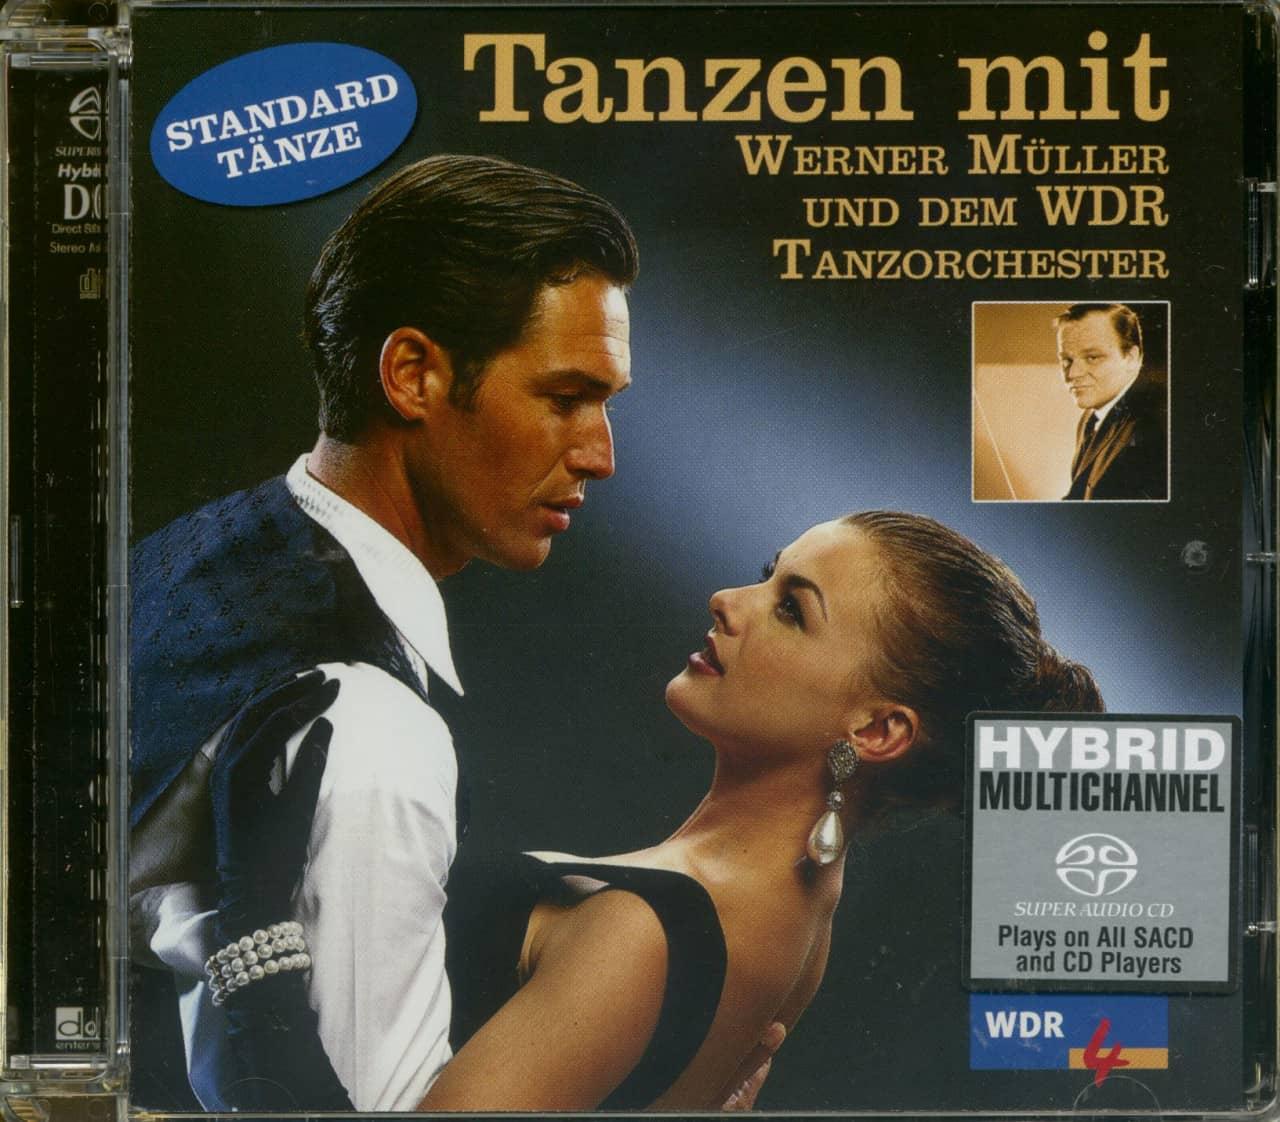 Werner Müller - Tanzen mit Werner Müller und dem WDR Tanzorchester (CD)